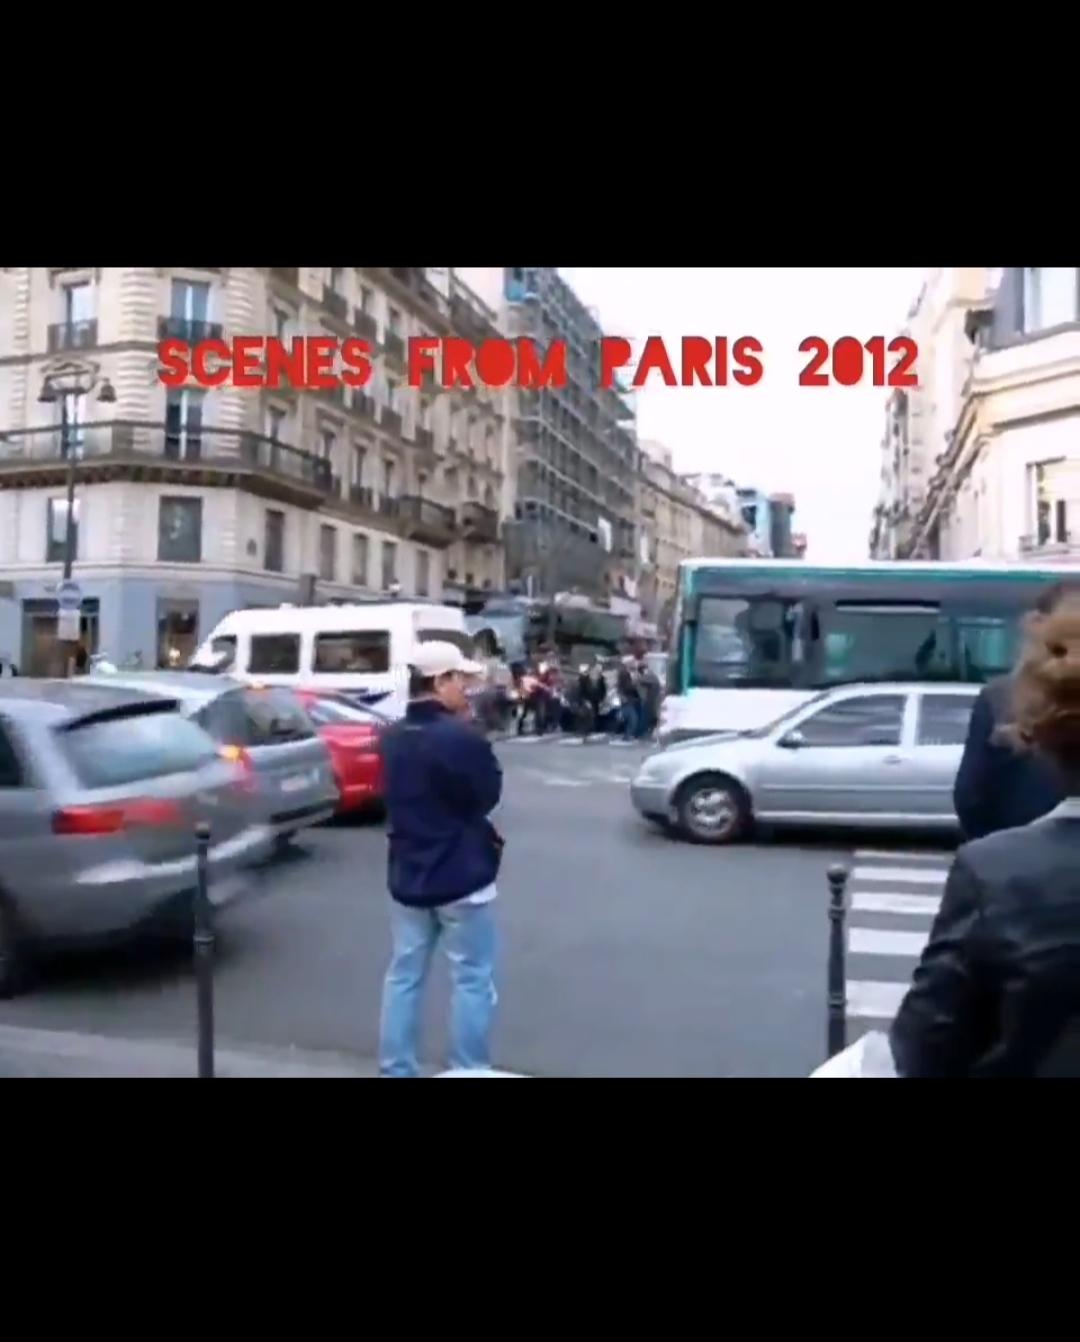 شاهکار شهردار پاریس در کنترل ترافیک  + ویدئو